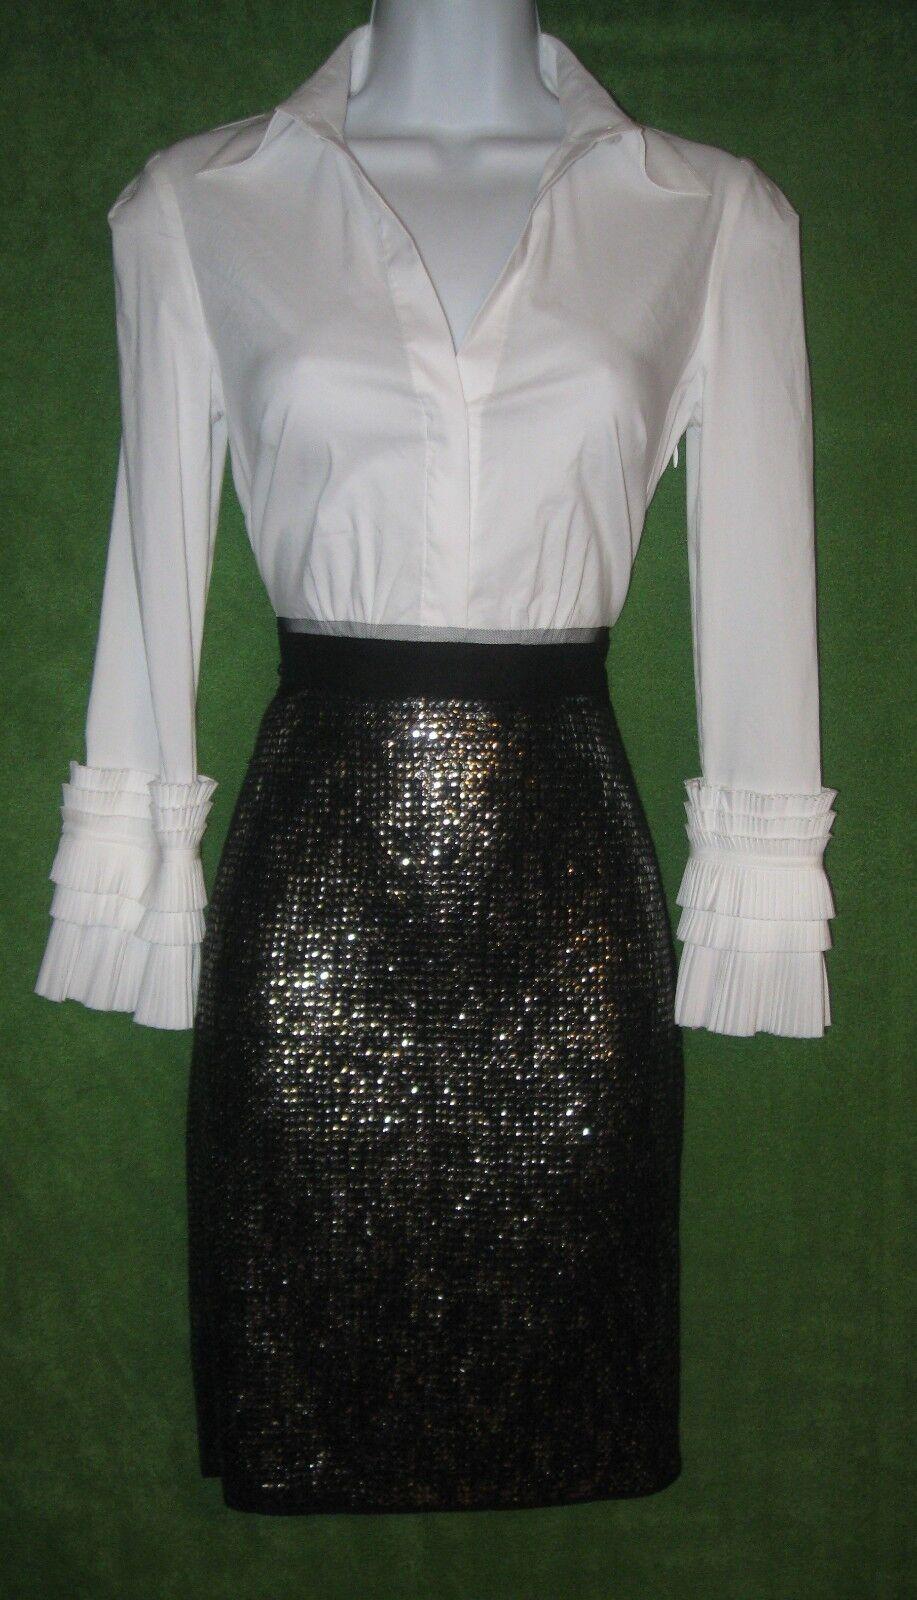 Vestido  de fiesta BCBG Maxazria blancoo Algodón Elástico social Lentejuelas Negro 0  el precio más bajo